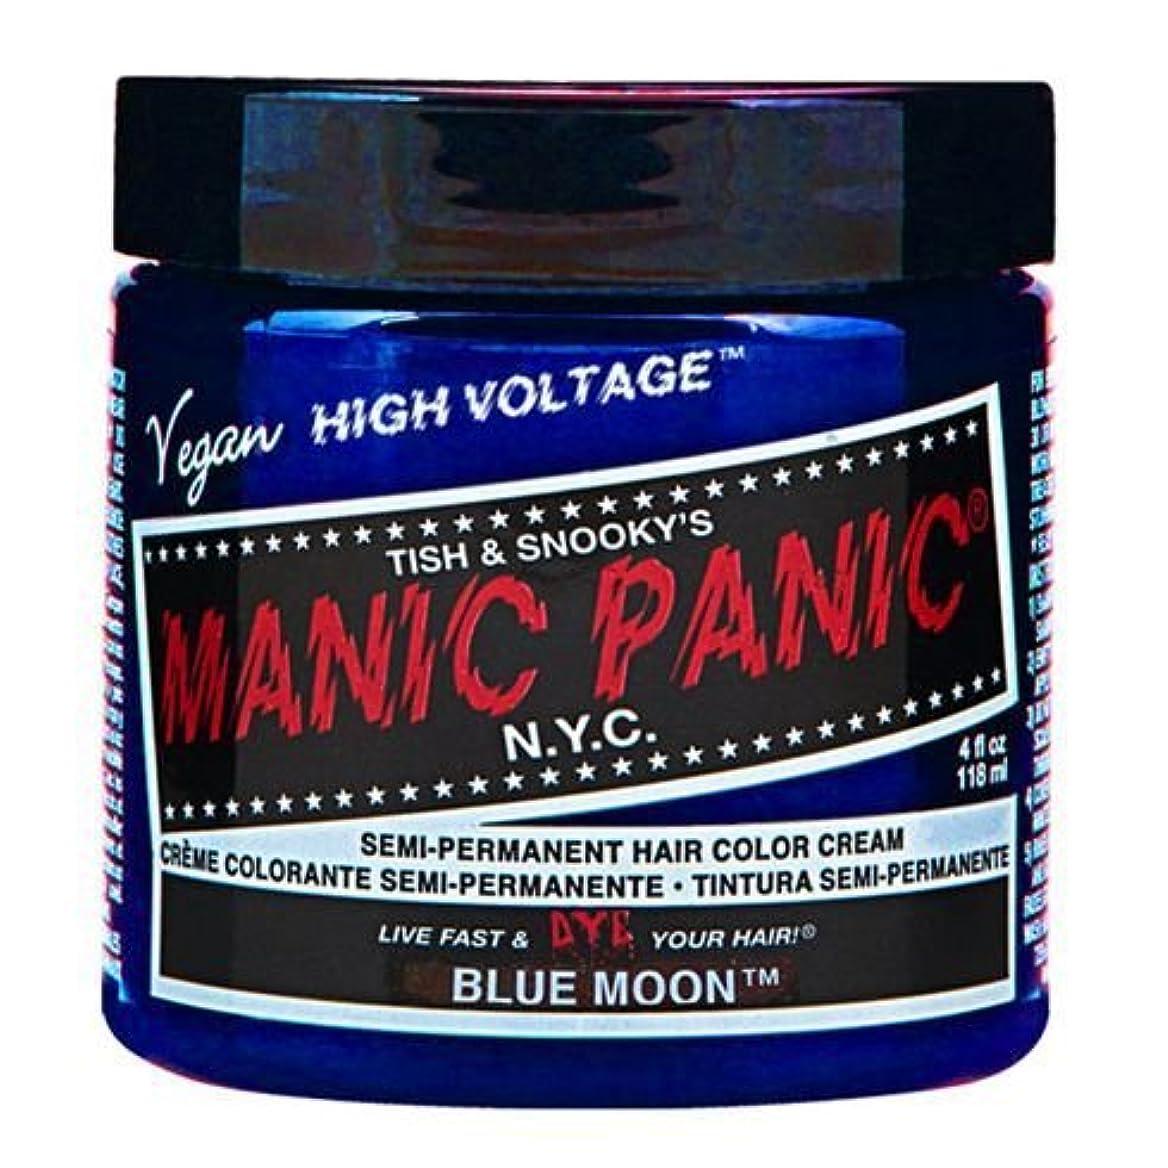 固める可愛いイヤホンスペシャルセットMANIC PANICマニックパニック:Blue Moon (ブルームーン)+ヘアカラーケア4点セット